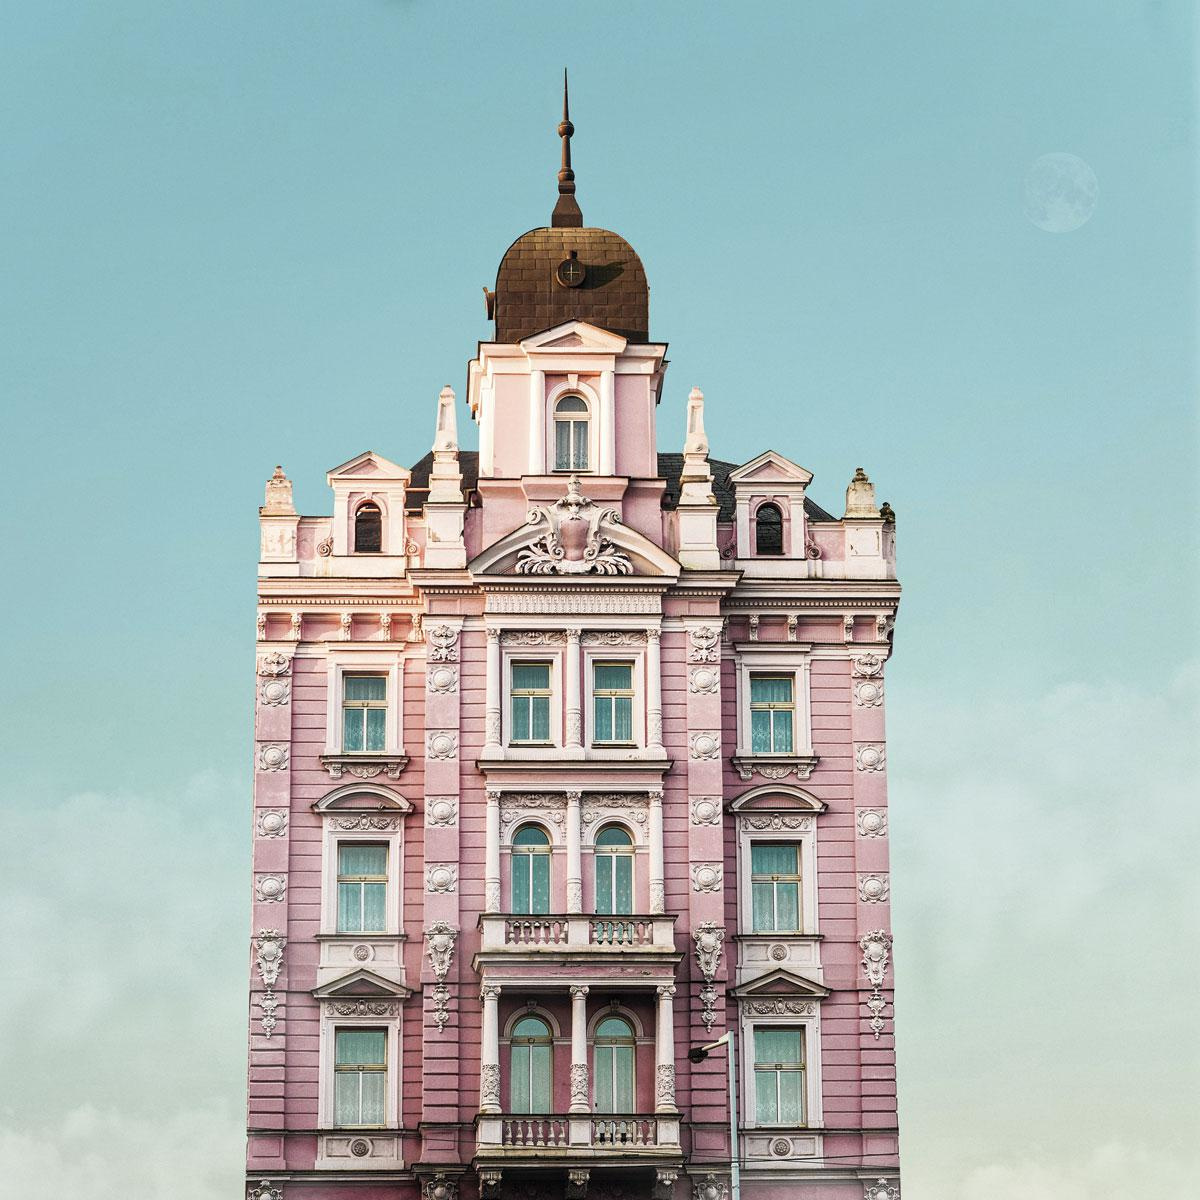 Hotel Opera in Praag, een van de vele locaties in het boek., VALENTINA JACKS